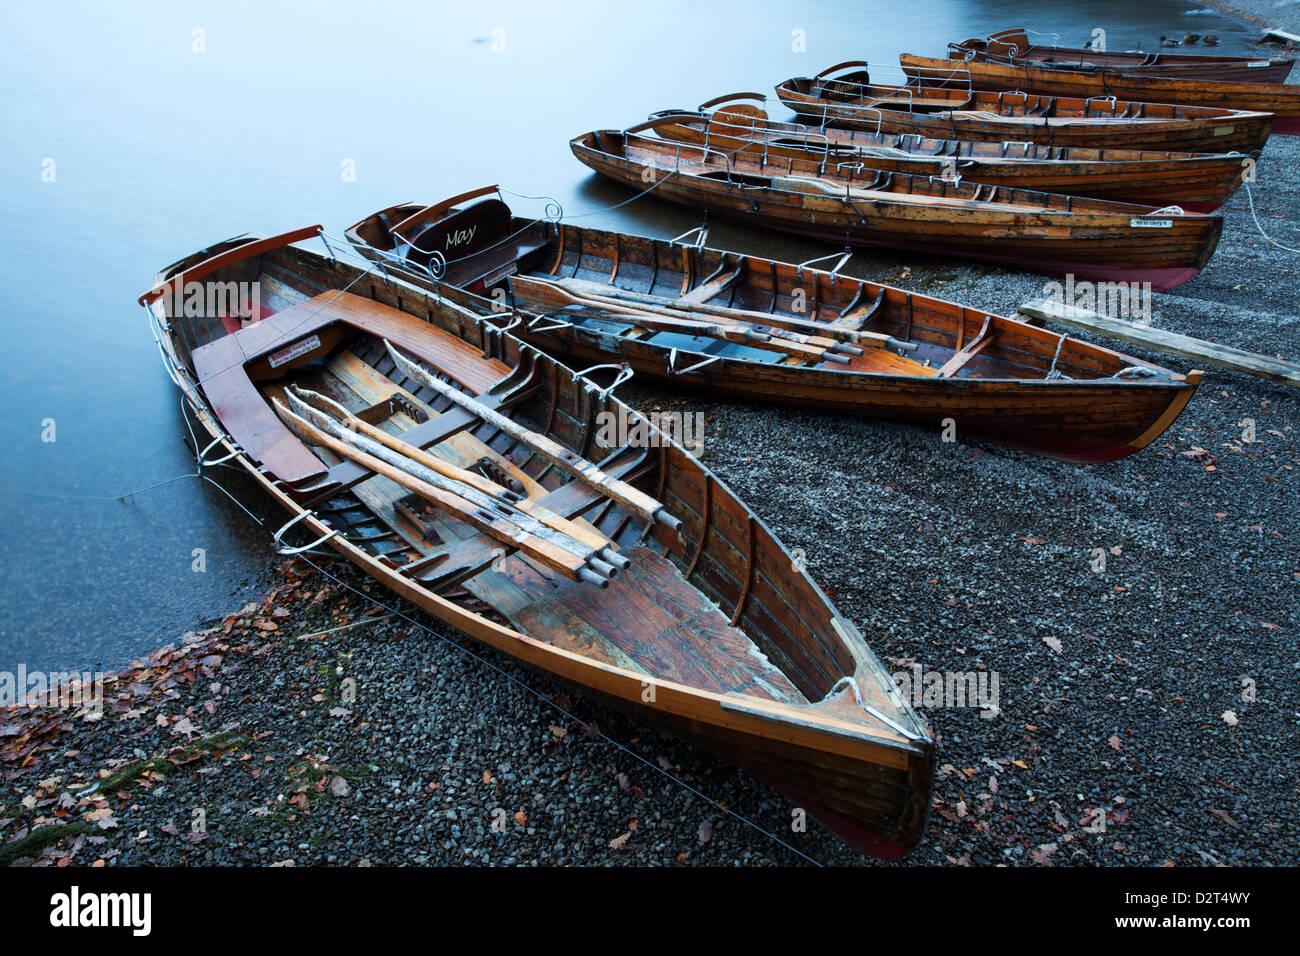 Barche a remi sul lungolago, Derwentwater, Keswick, Parco Nazionale del Distretto dei Laghi, Cumbria, England, Regno Immagini Stock